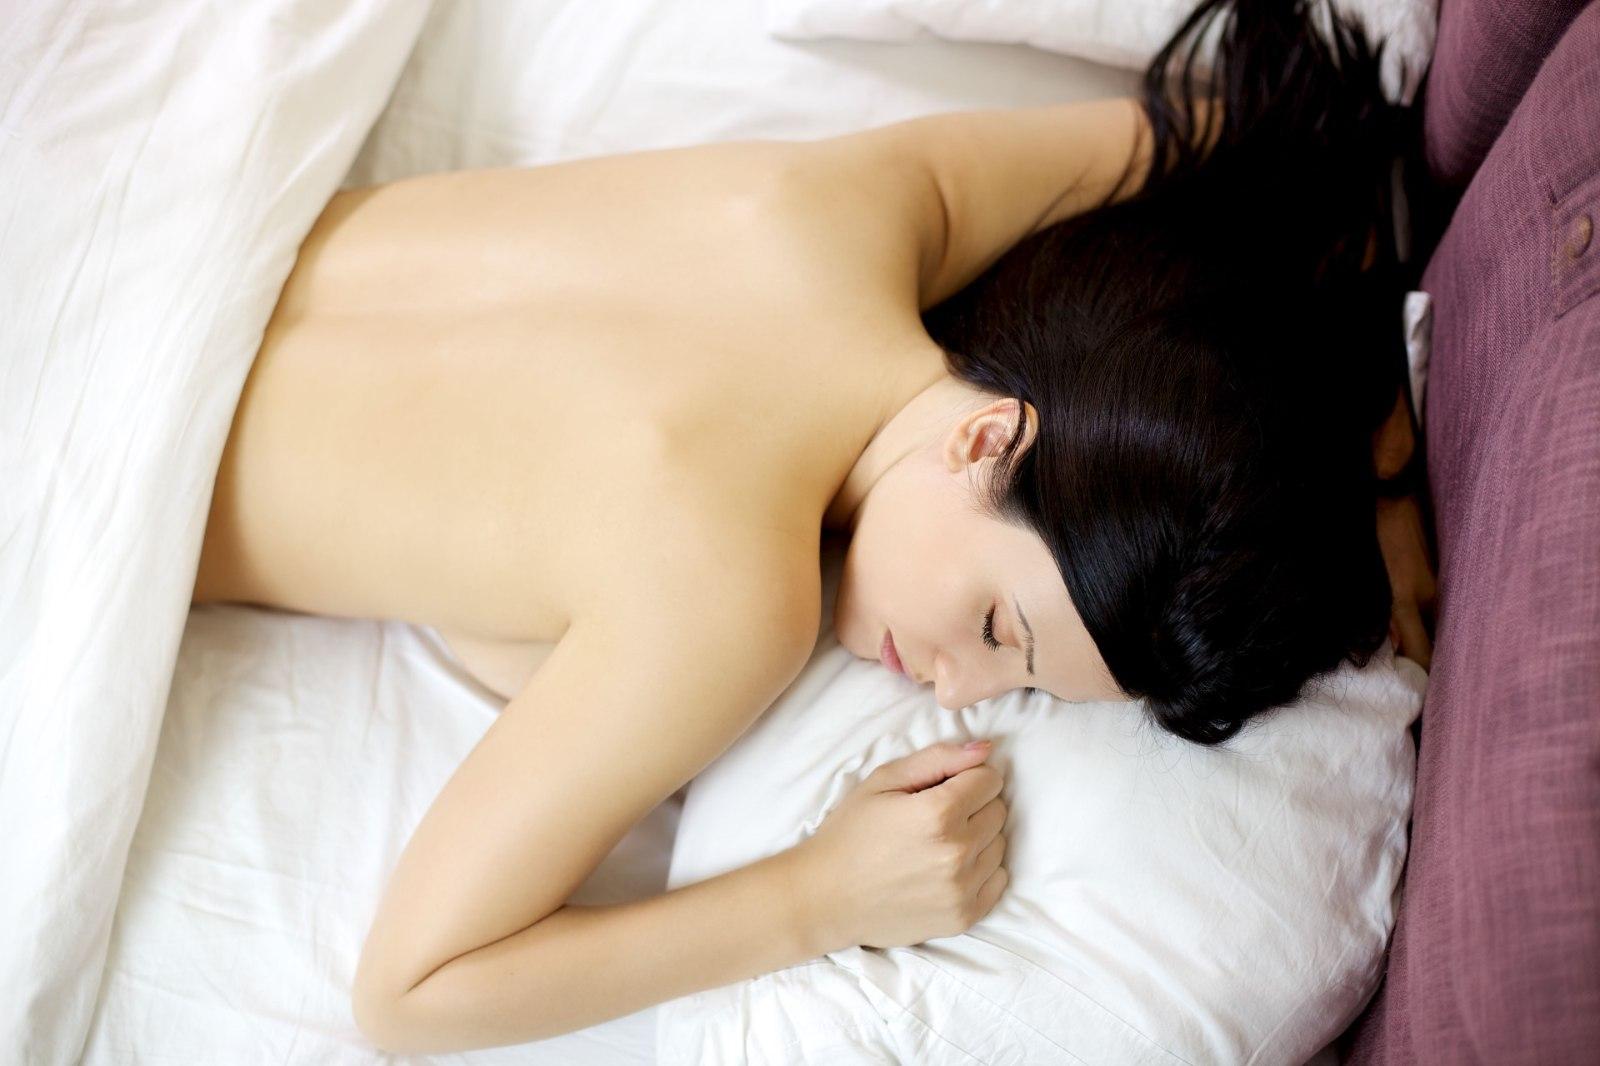 Секс видео красивая девушка спит